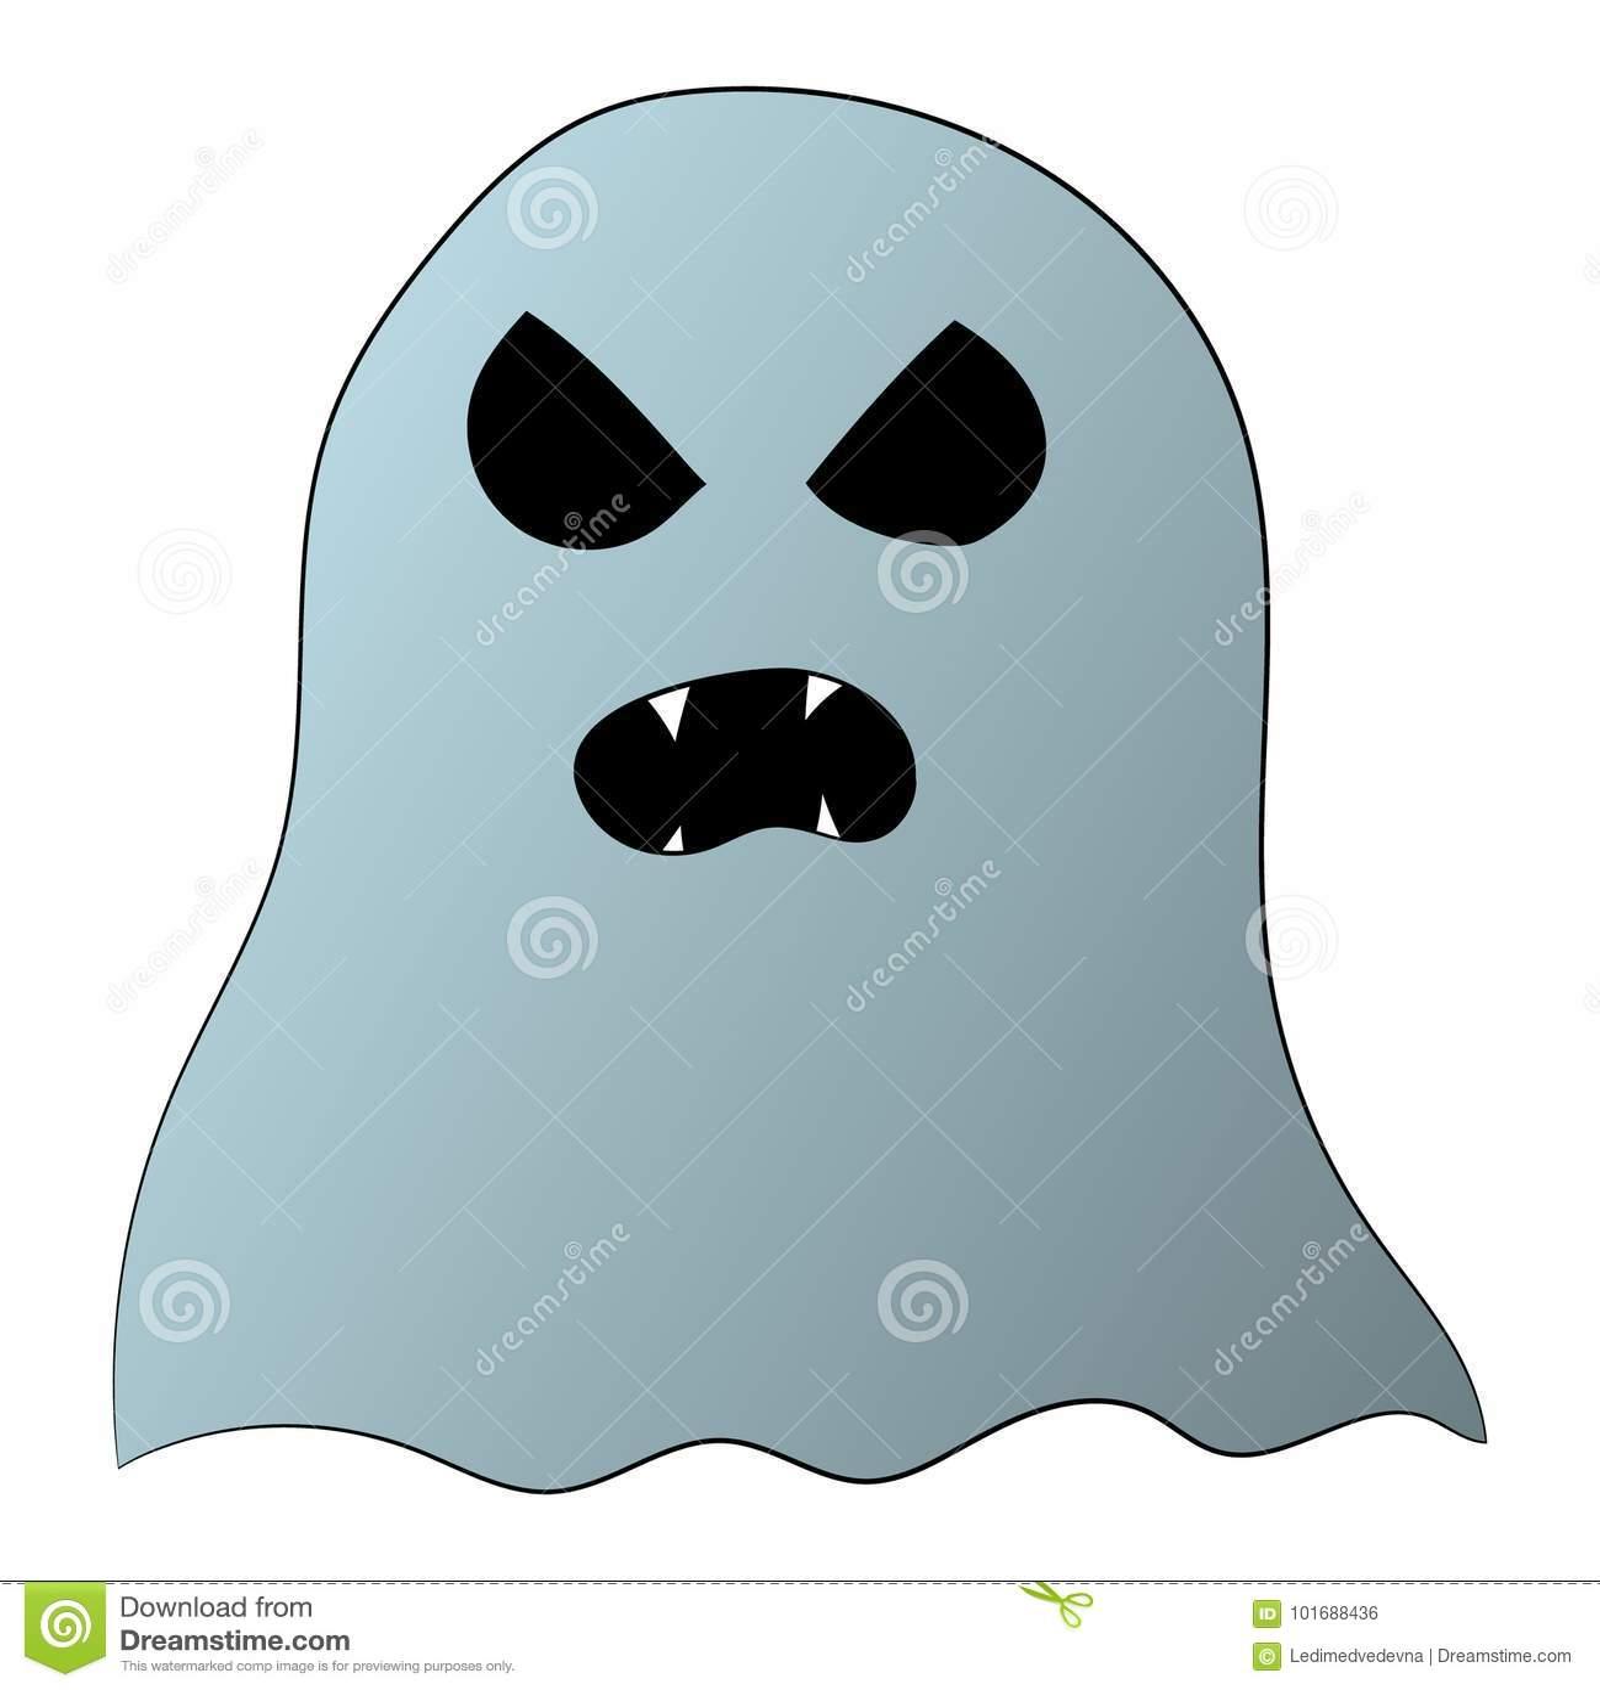 Ilustracao Para Halloween Imagem De Graficos De Vetor Do Fantasma